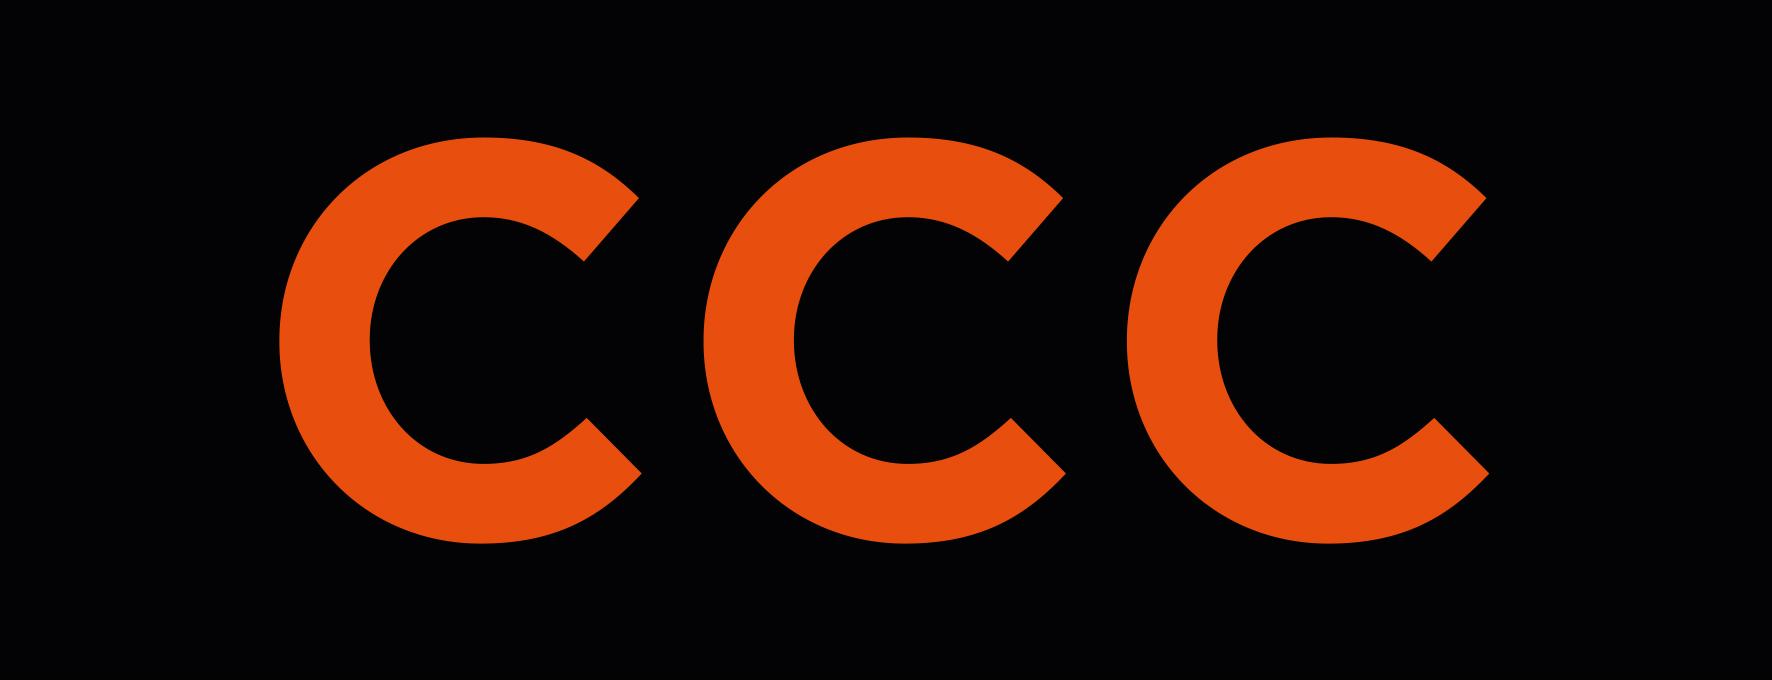 CCC - LETNÍ SLEVY!